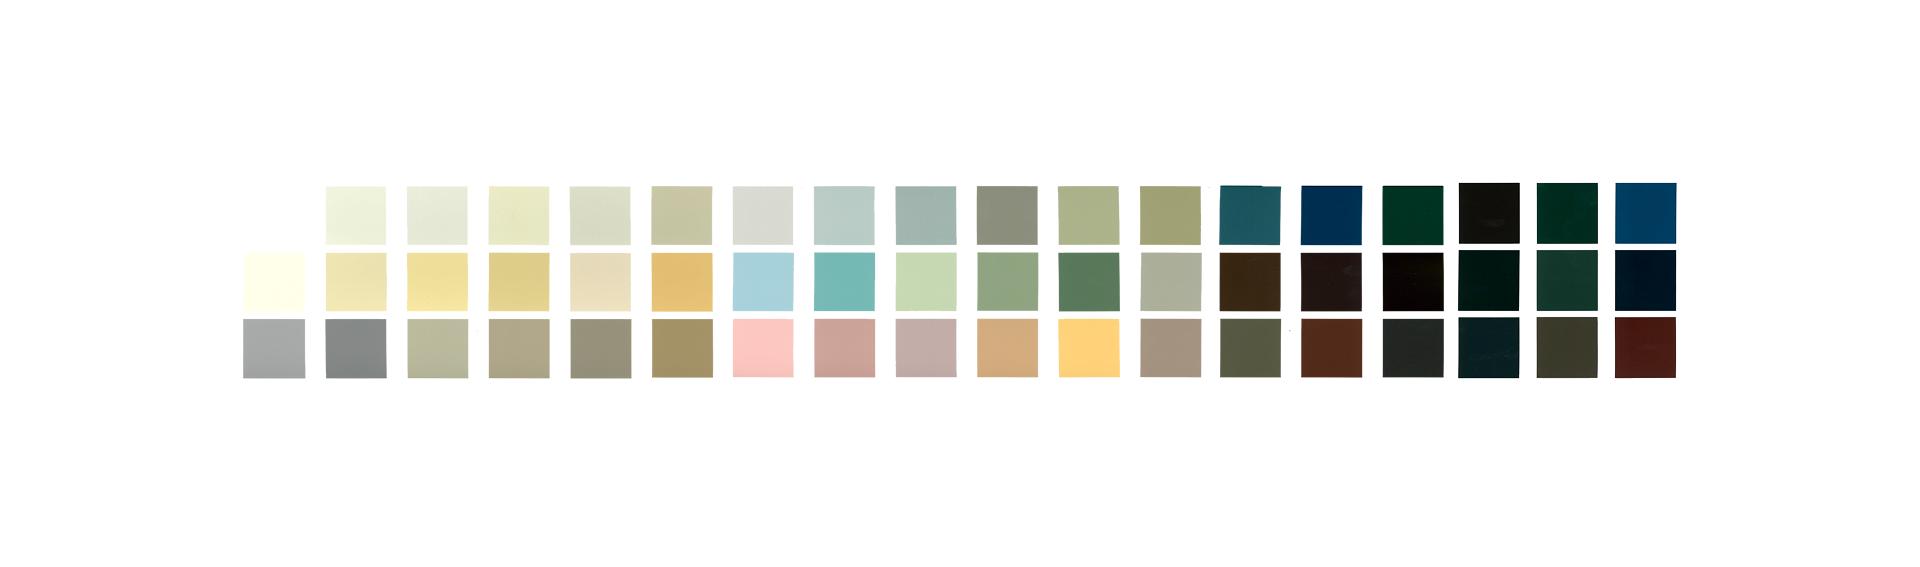 カラーシミュレーション 色見本 外壁塗装 種類 無機塗料